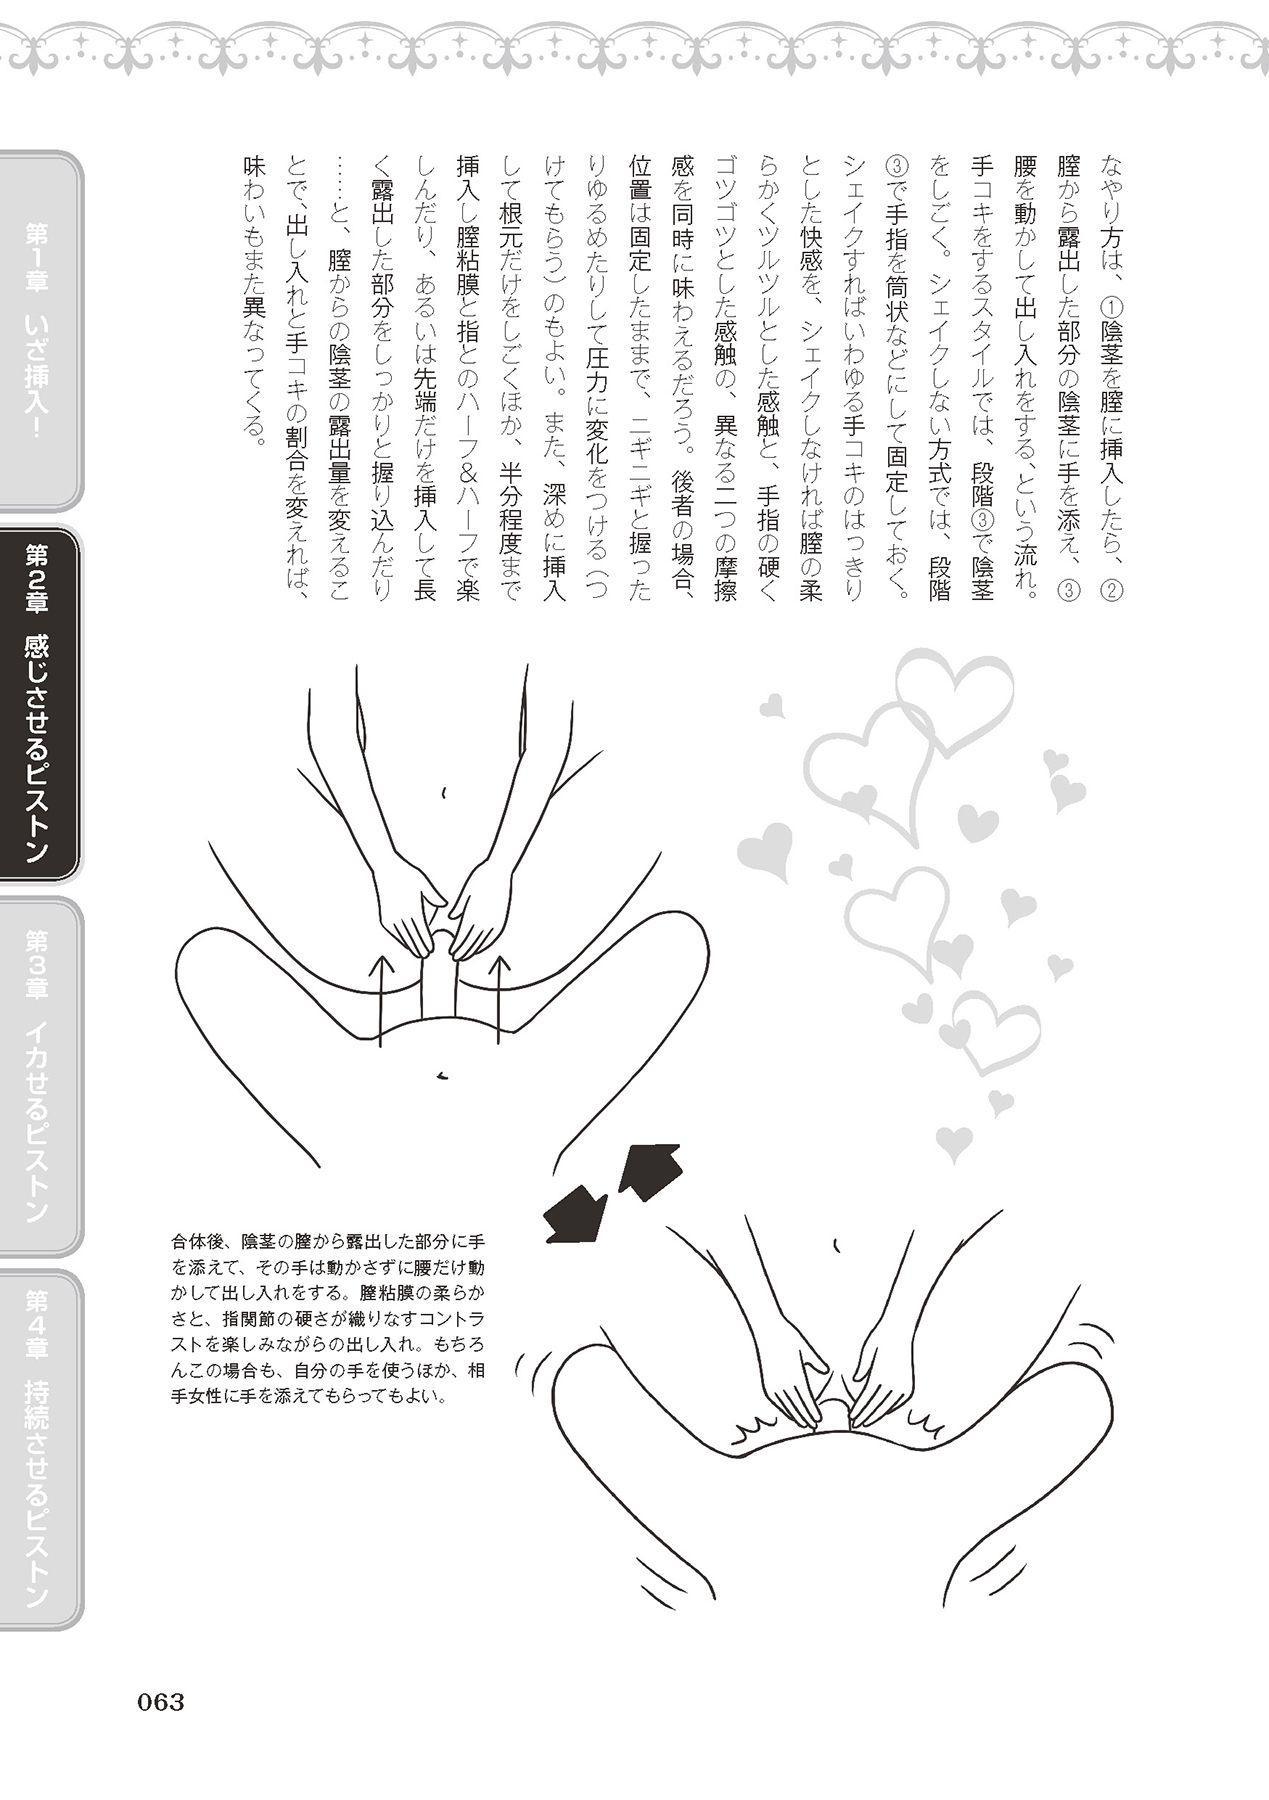 膣挿入&ピストン運動完全マニュアル イラスト版……ピスとんッ! 64